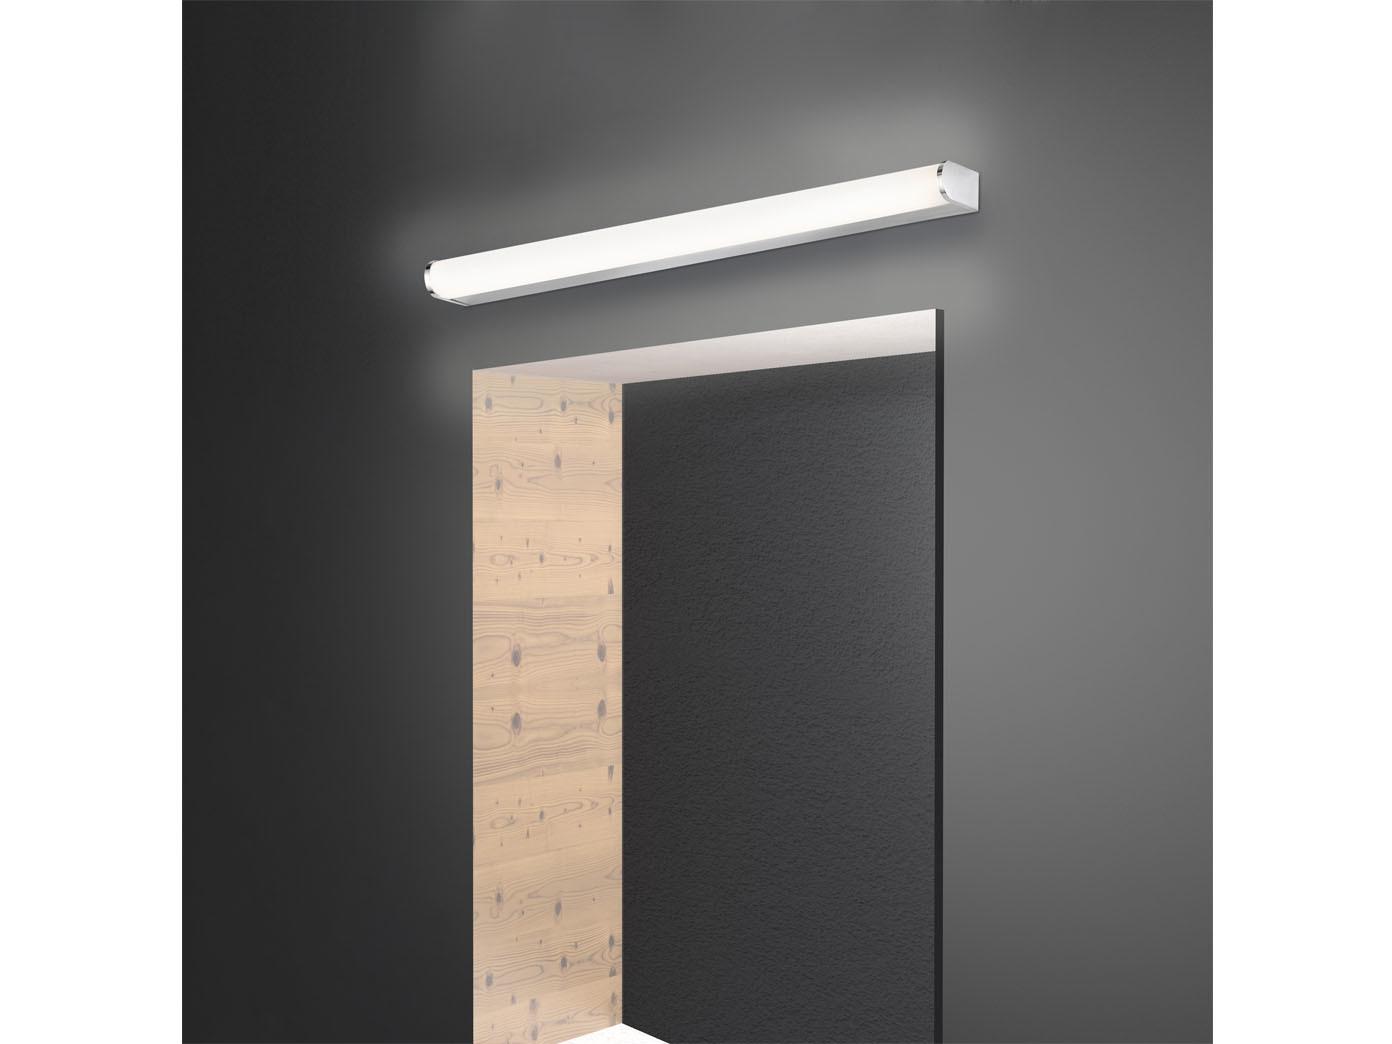 LED Wandlampe 20cm fürs Badezimmer - Spiegelleuchte & Badlampe über  Badspiegel